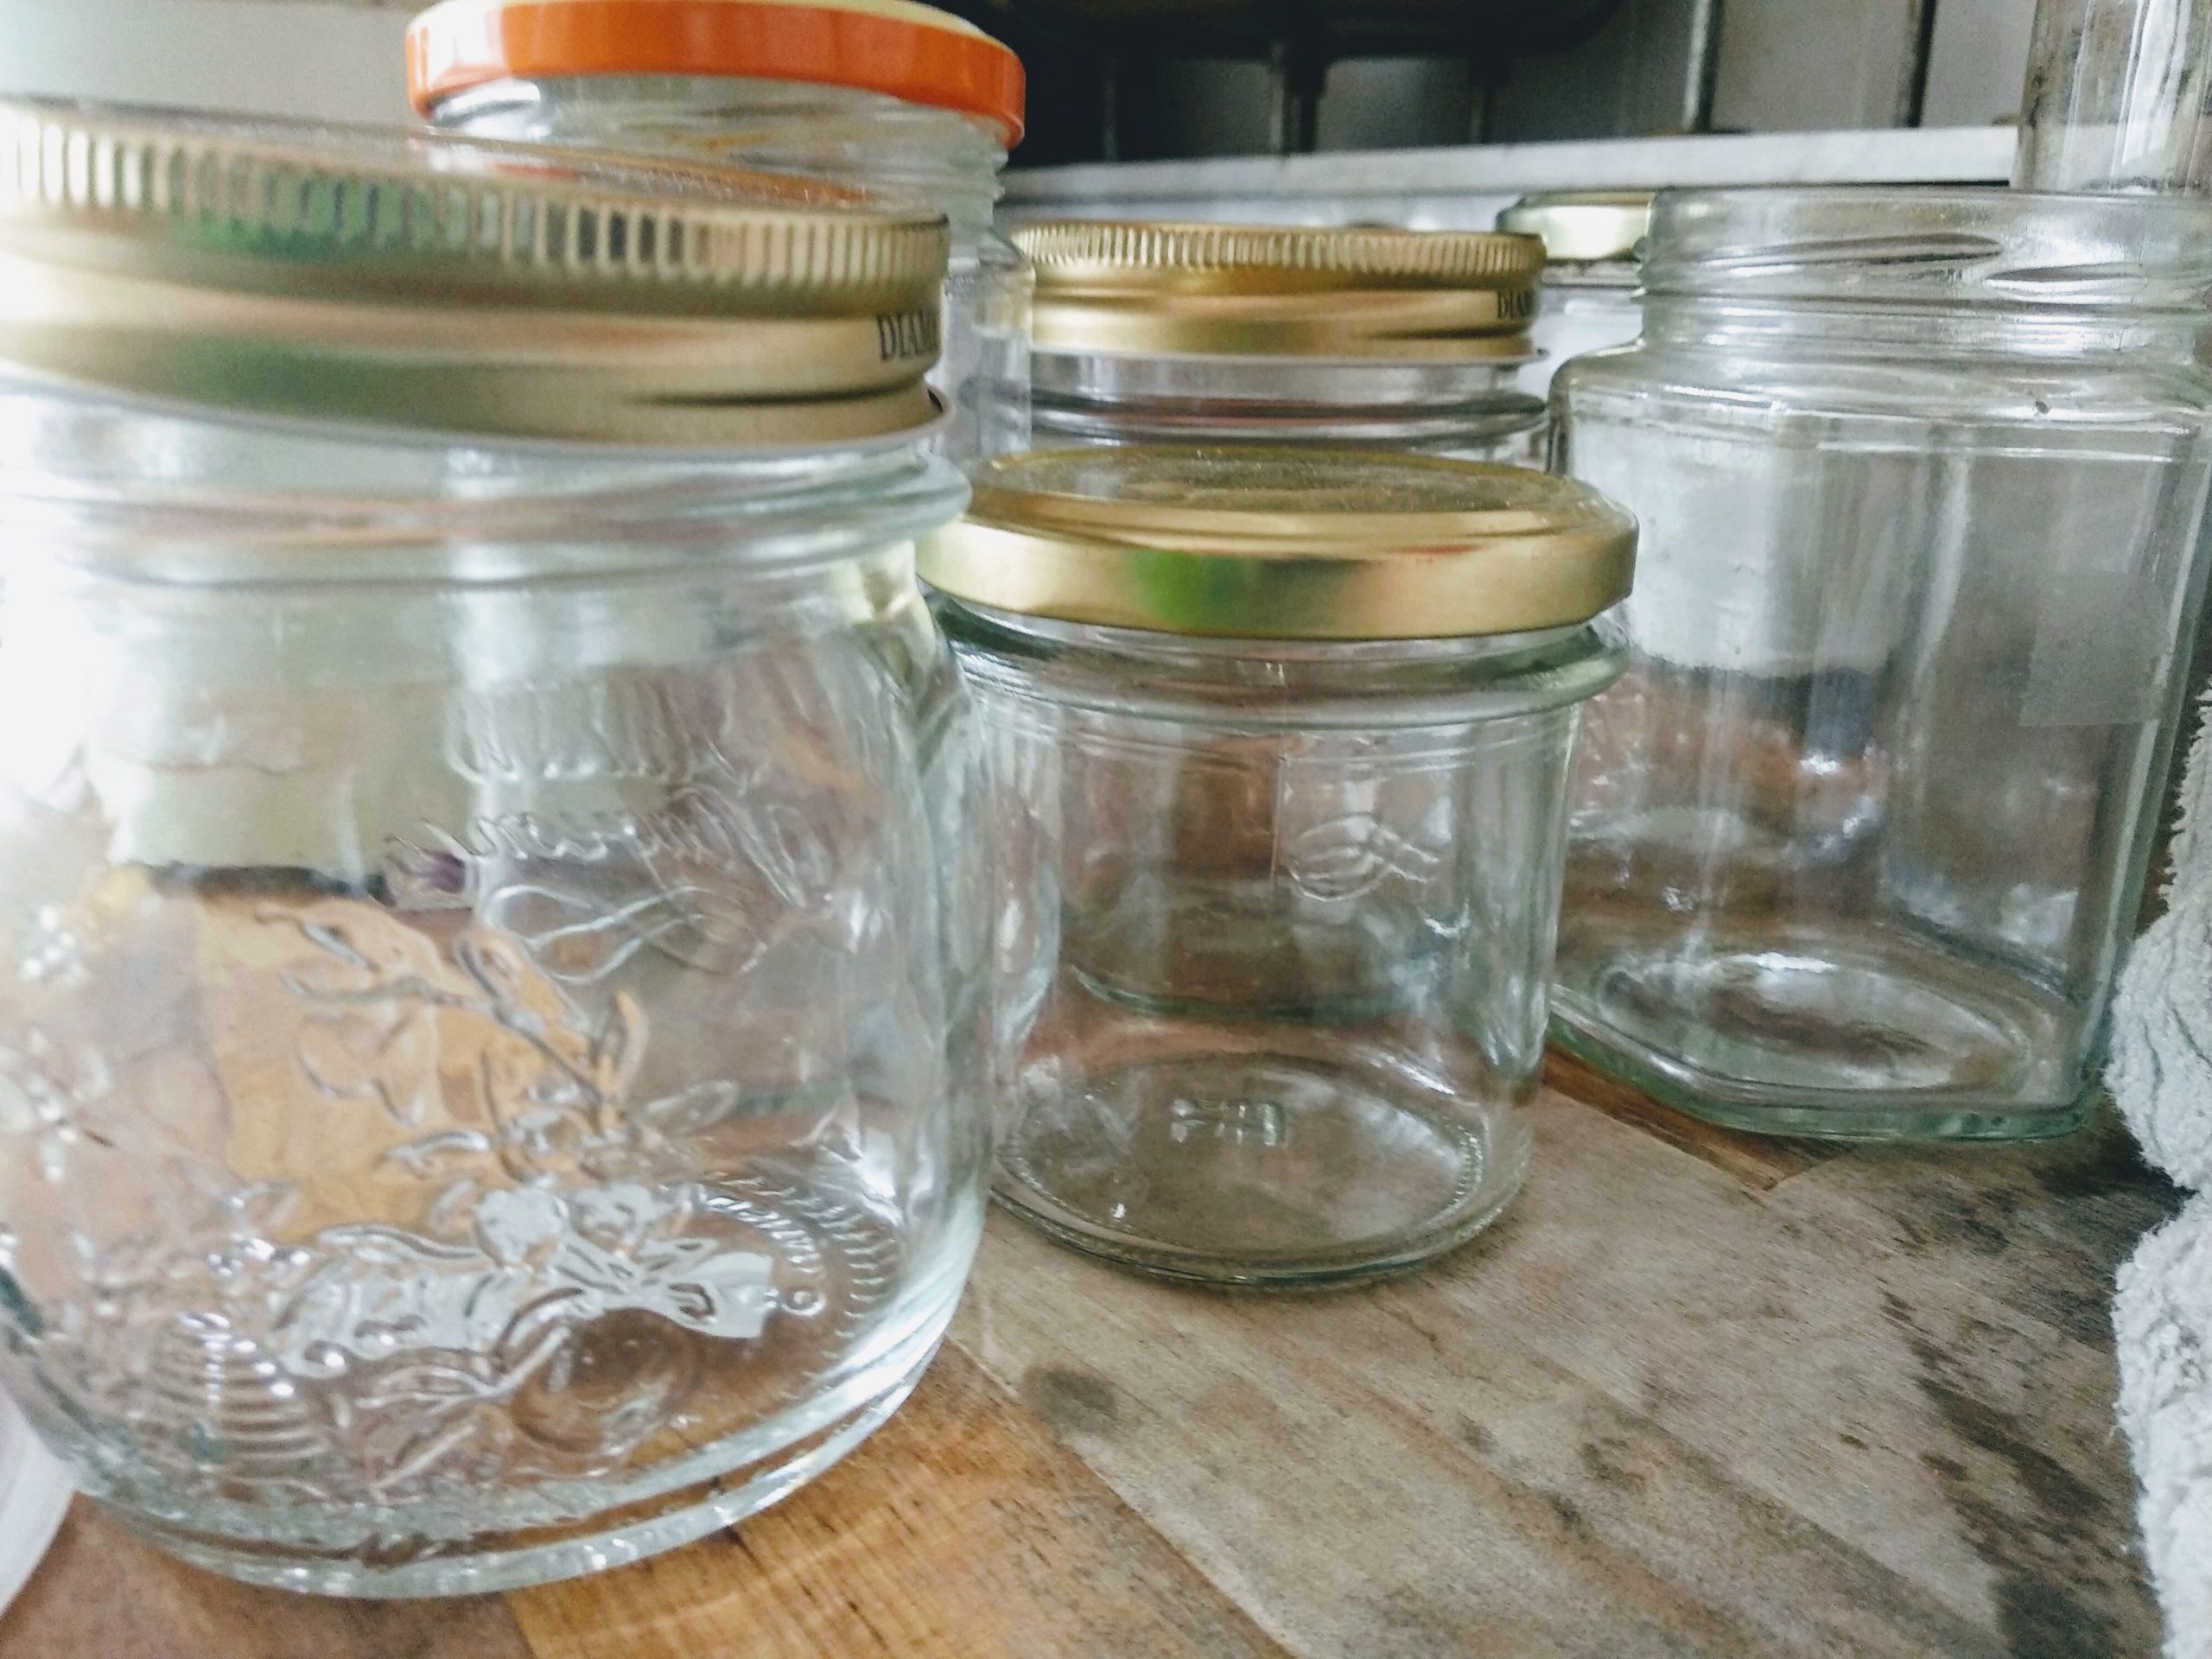 Come togliere le etichette dai barattoli di vetro e riciclarli